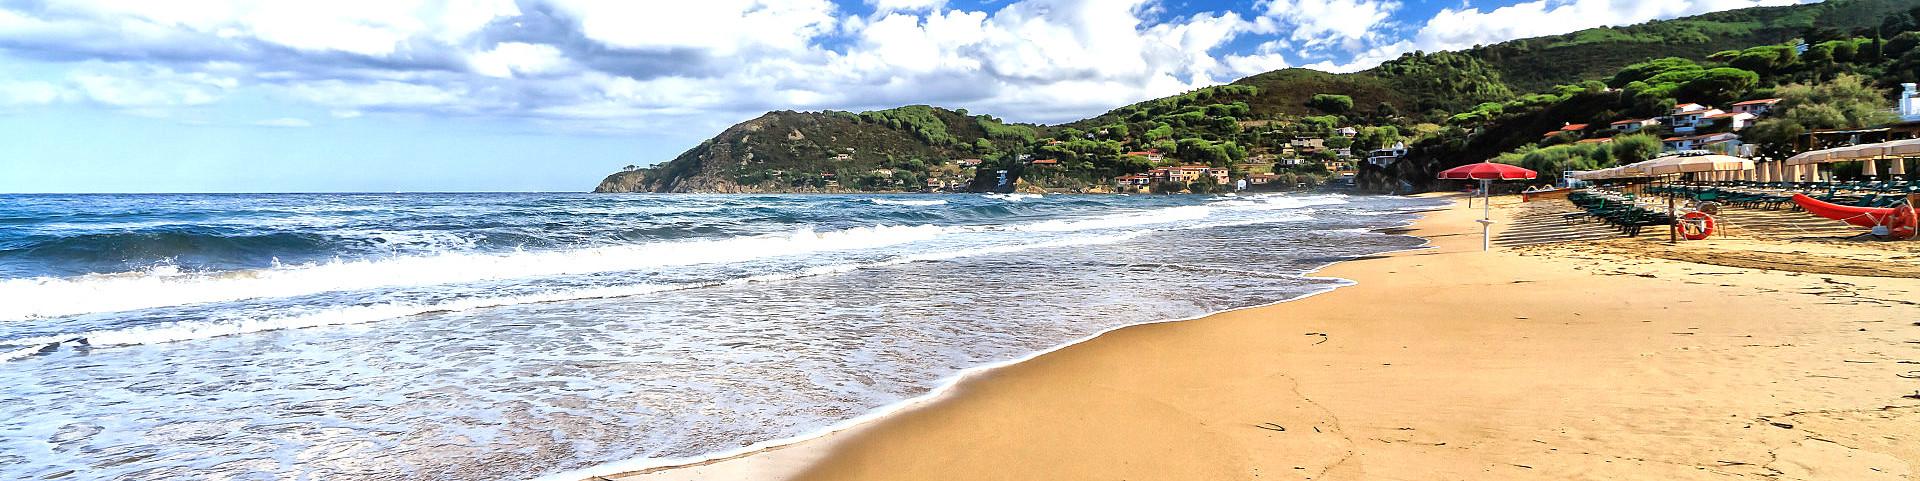 Záliv Biodola, pláž La Biodola, v pozadí jsou vidět další dvě pláže